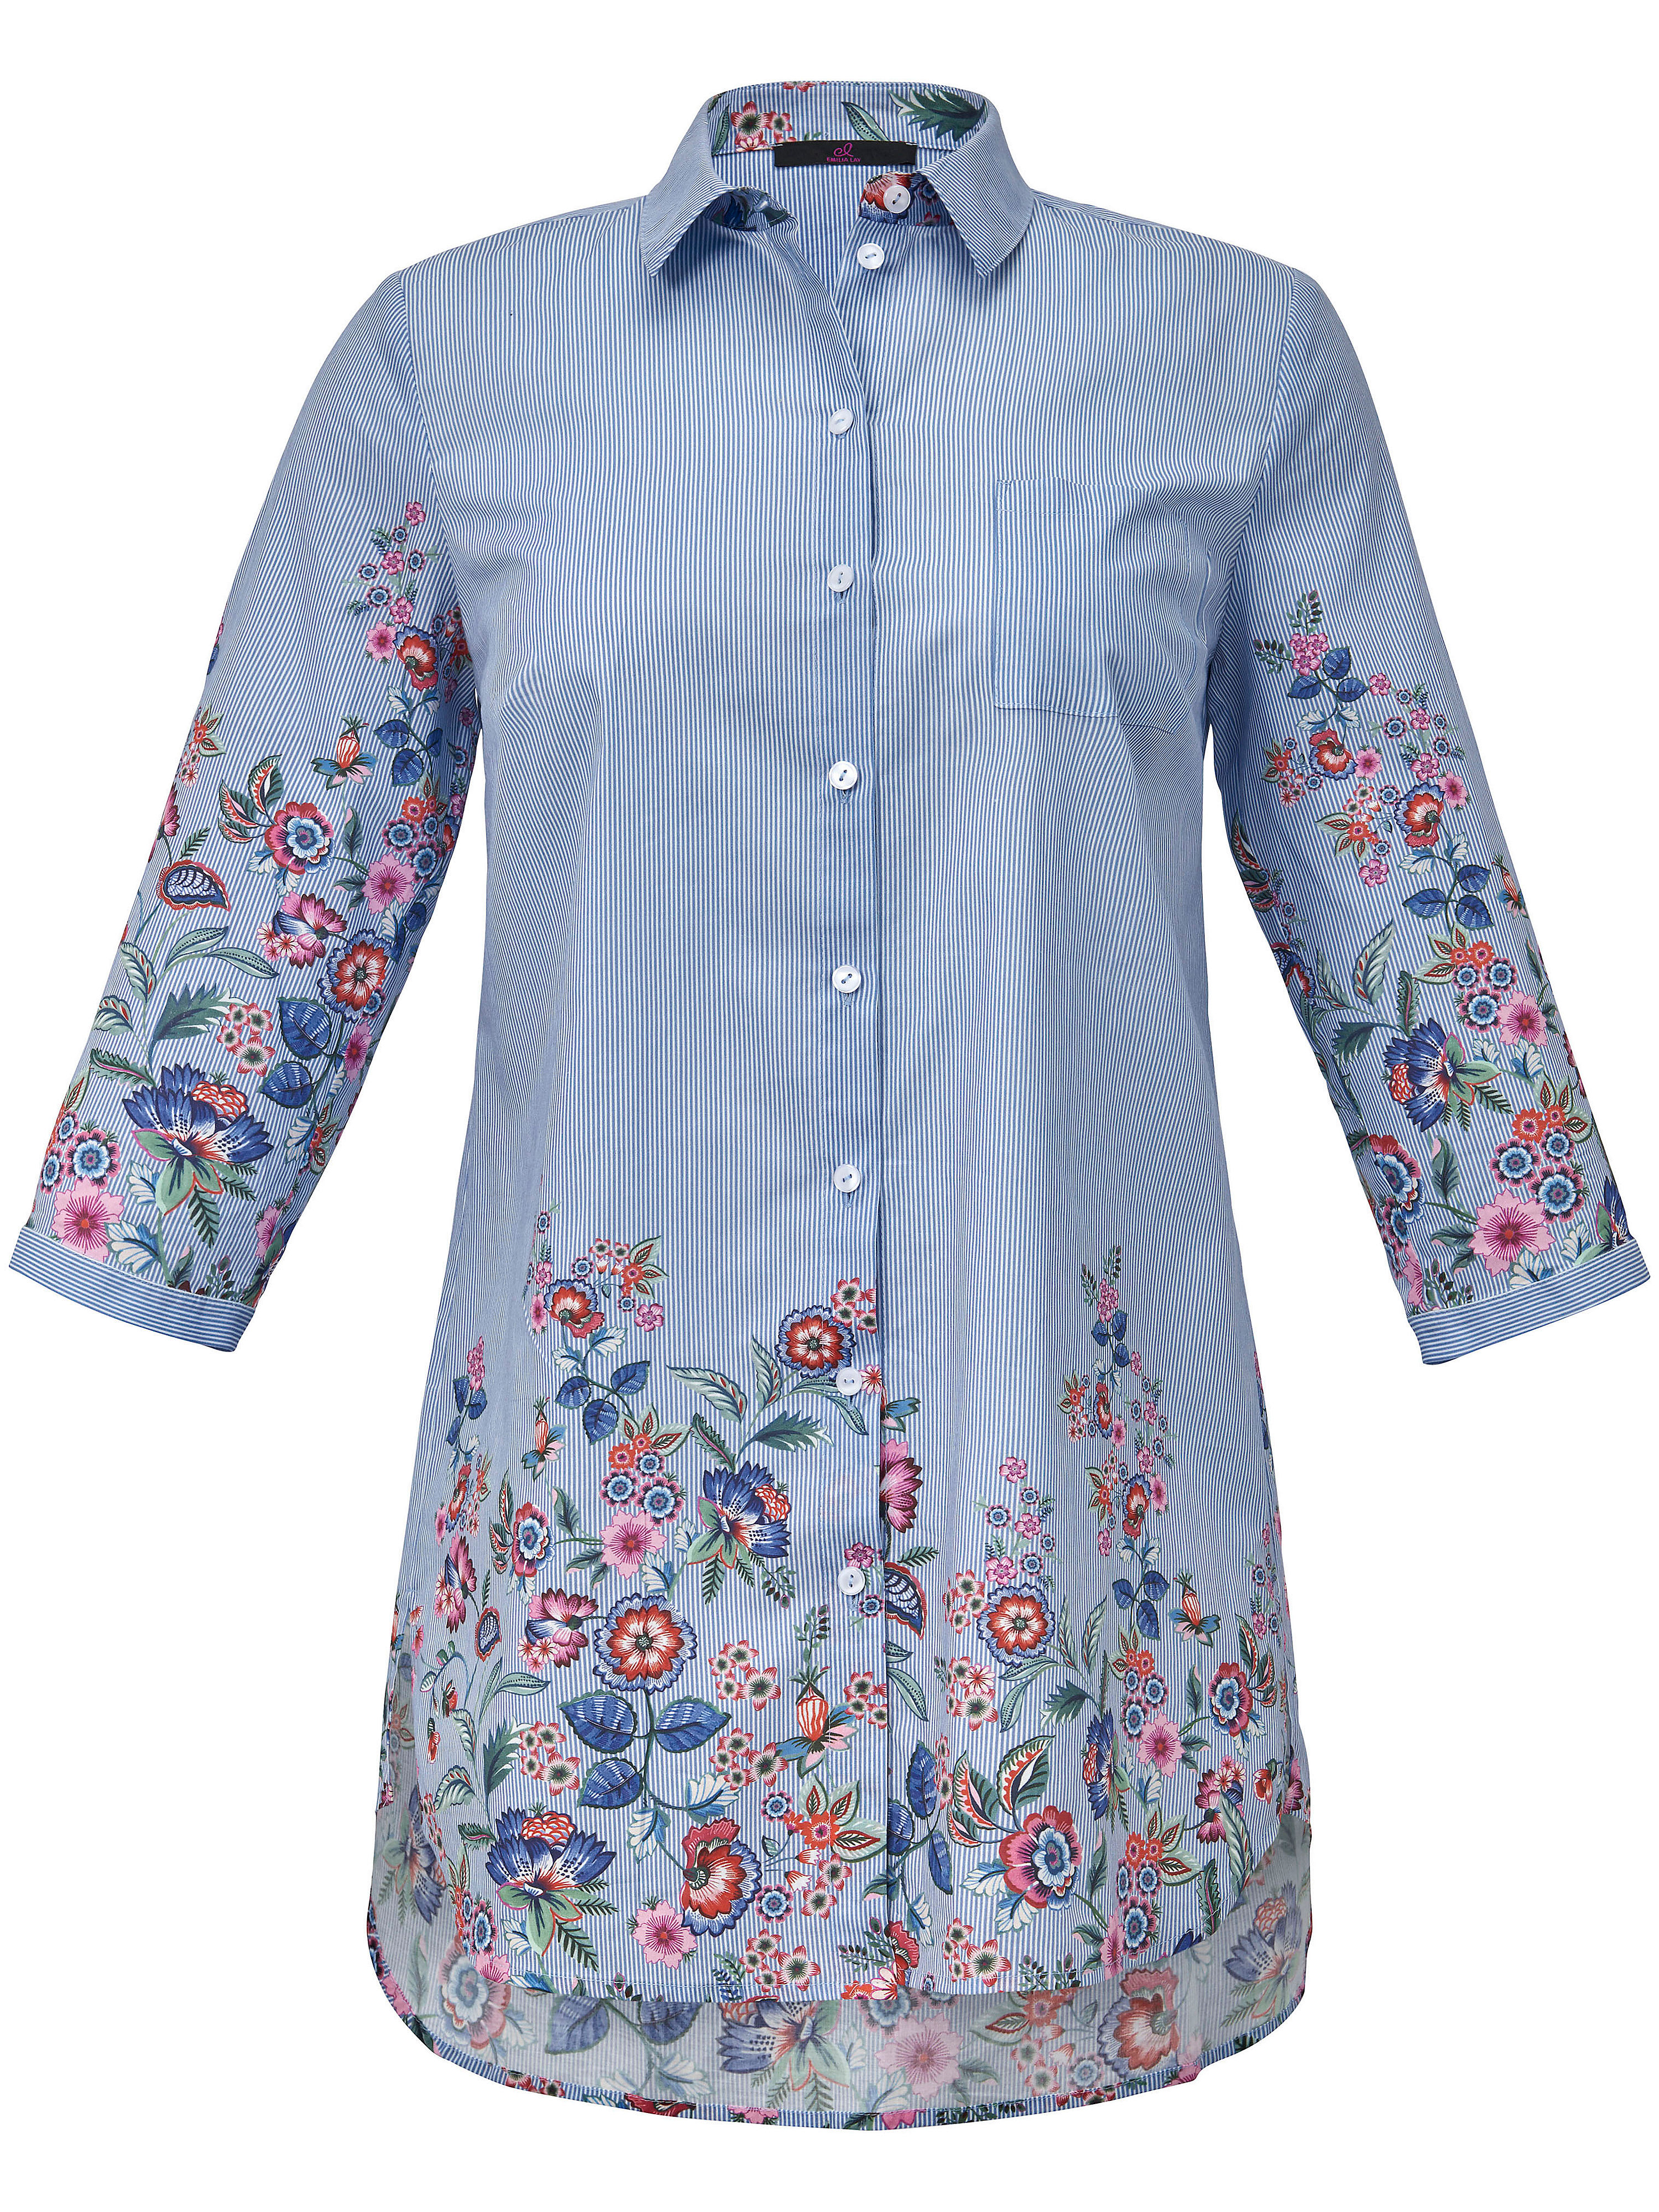 Le chemisier long pur coton, manches 3/4  Emilia Lay bleu taille 44